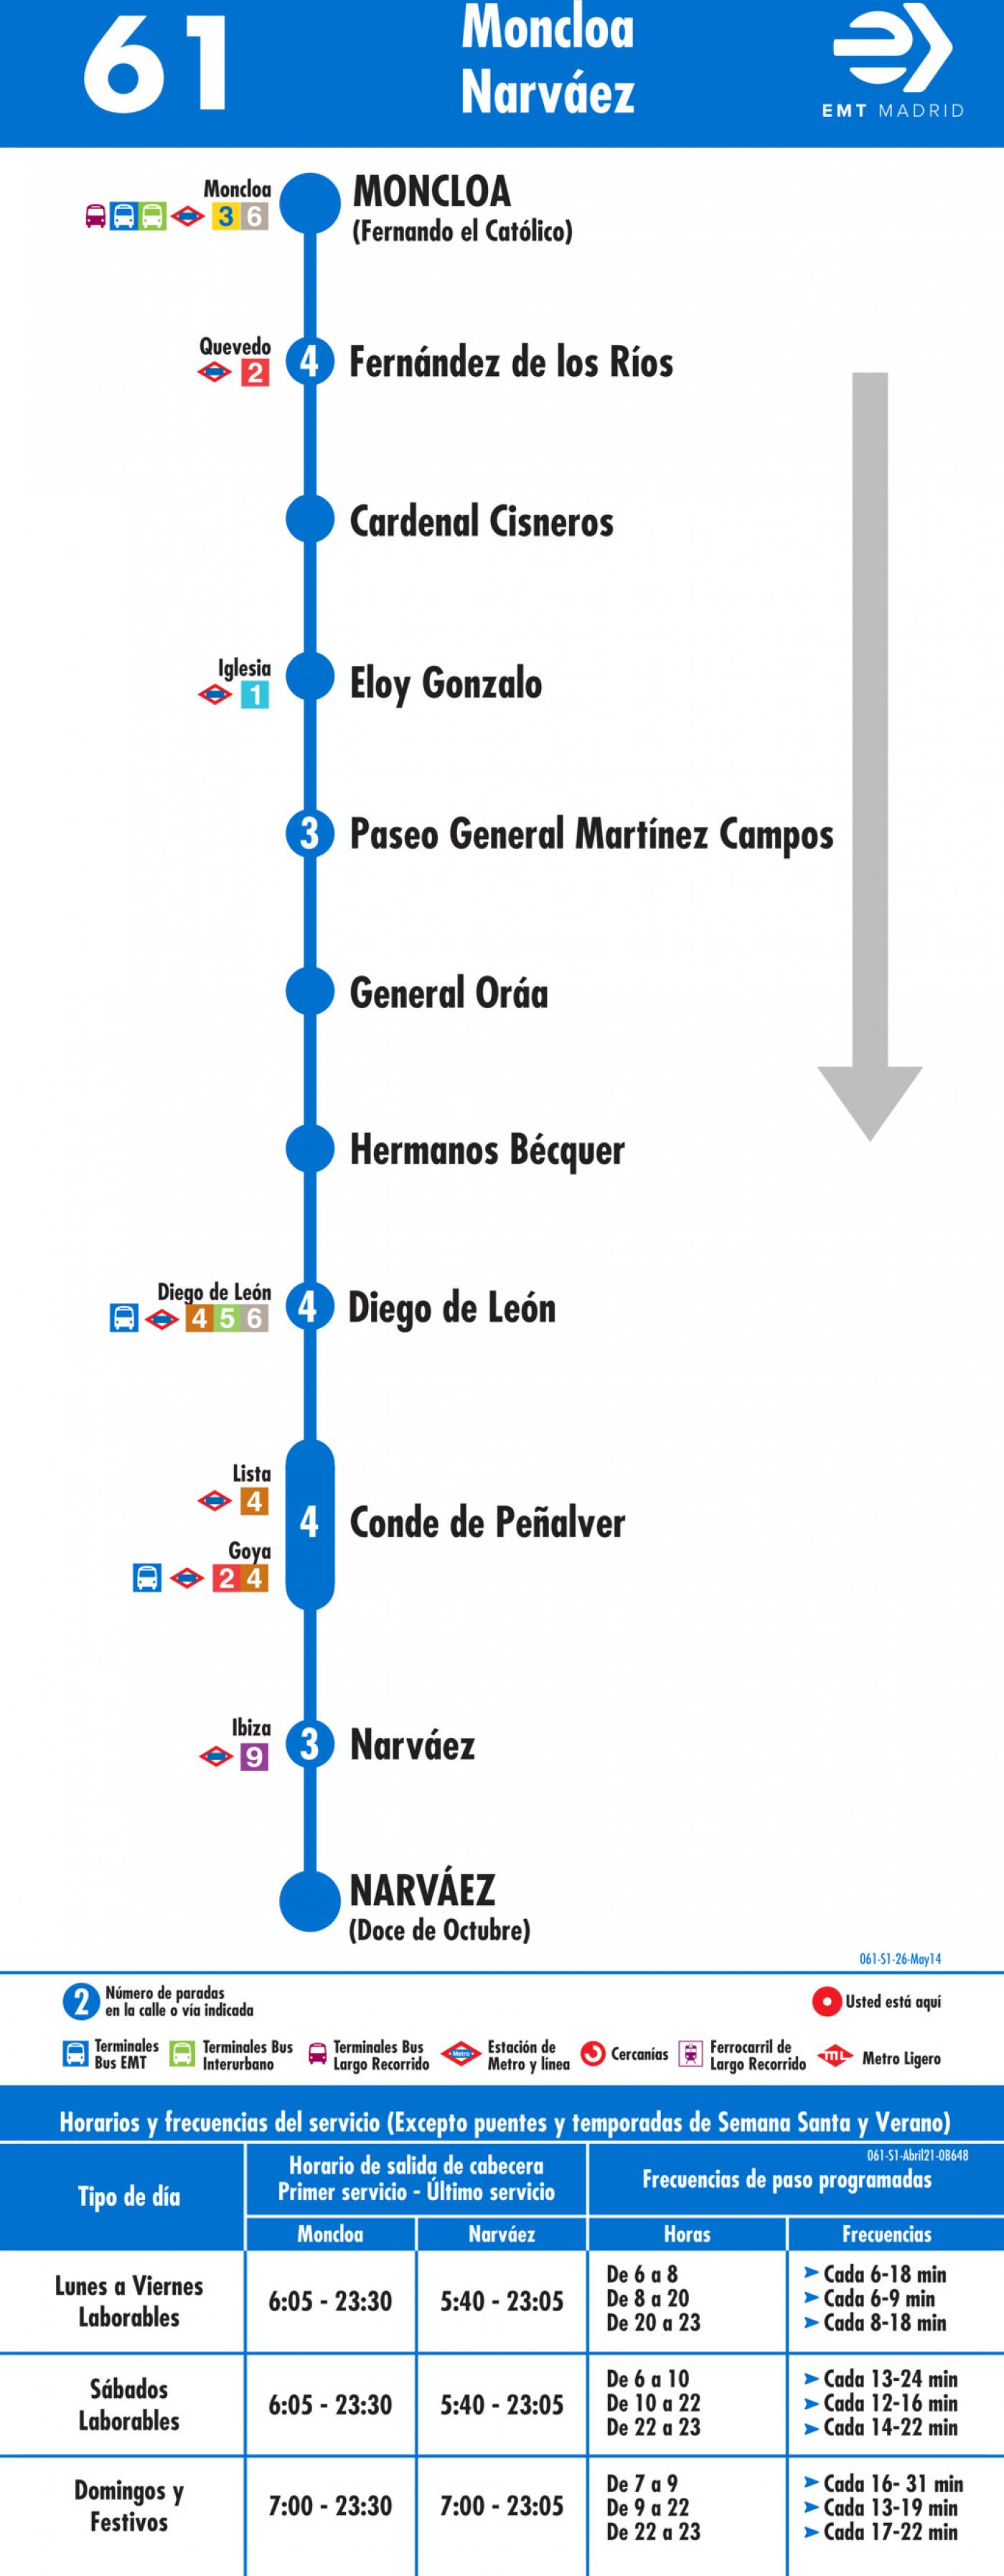 Tabla de horarios y frecuencias de paso en sentido ida Línea 61: Moncloa - Narváez